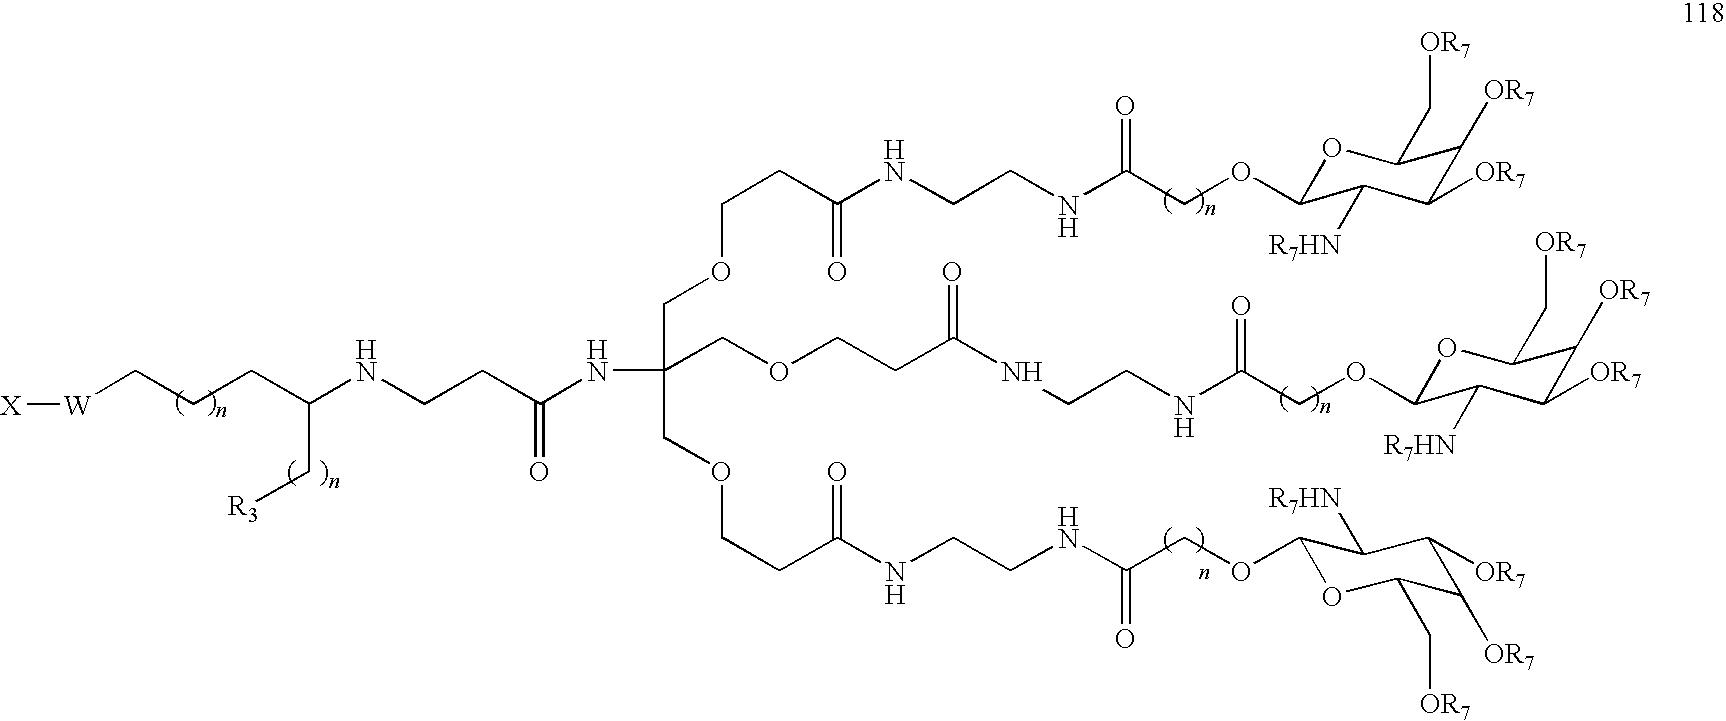 Figure US07833992-20101116-C00108